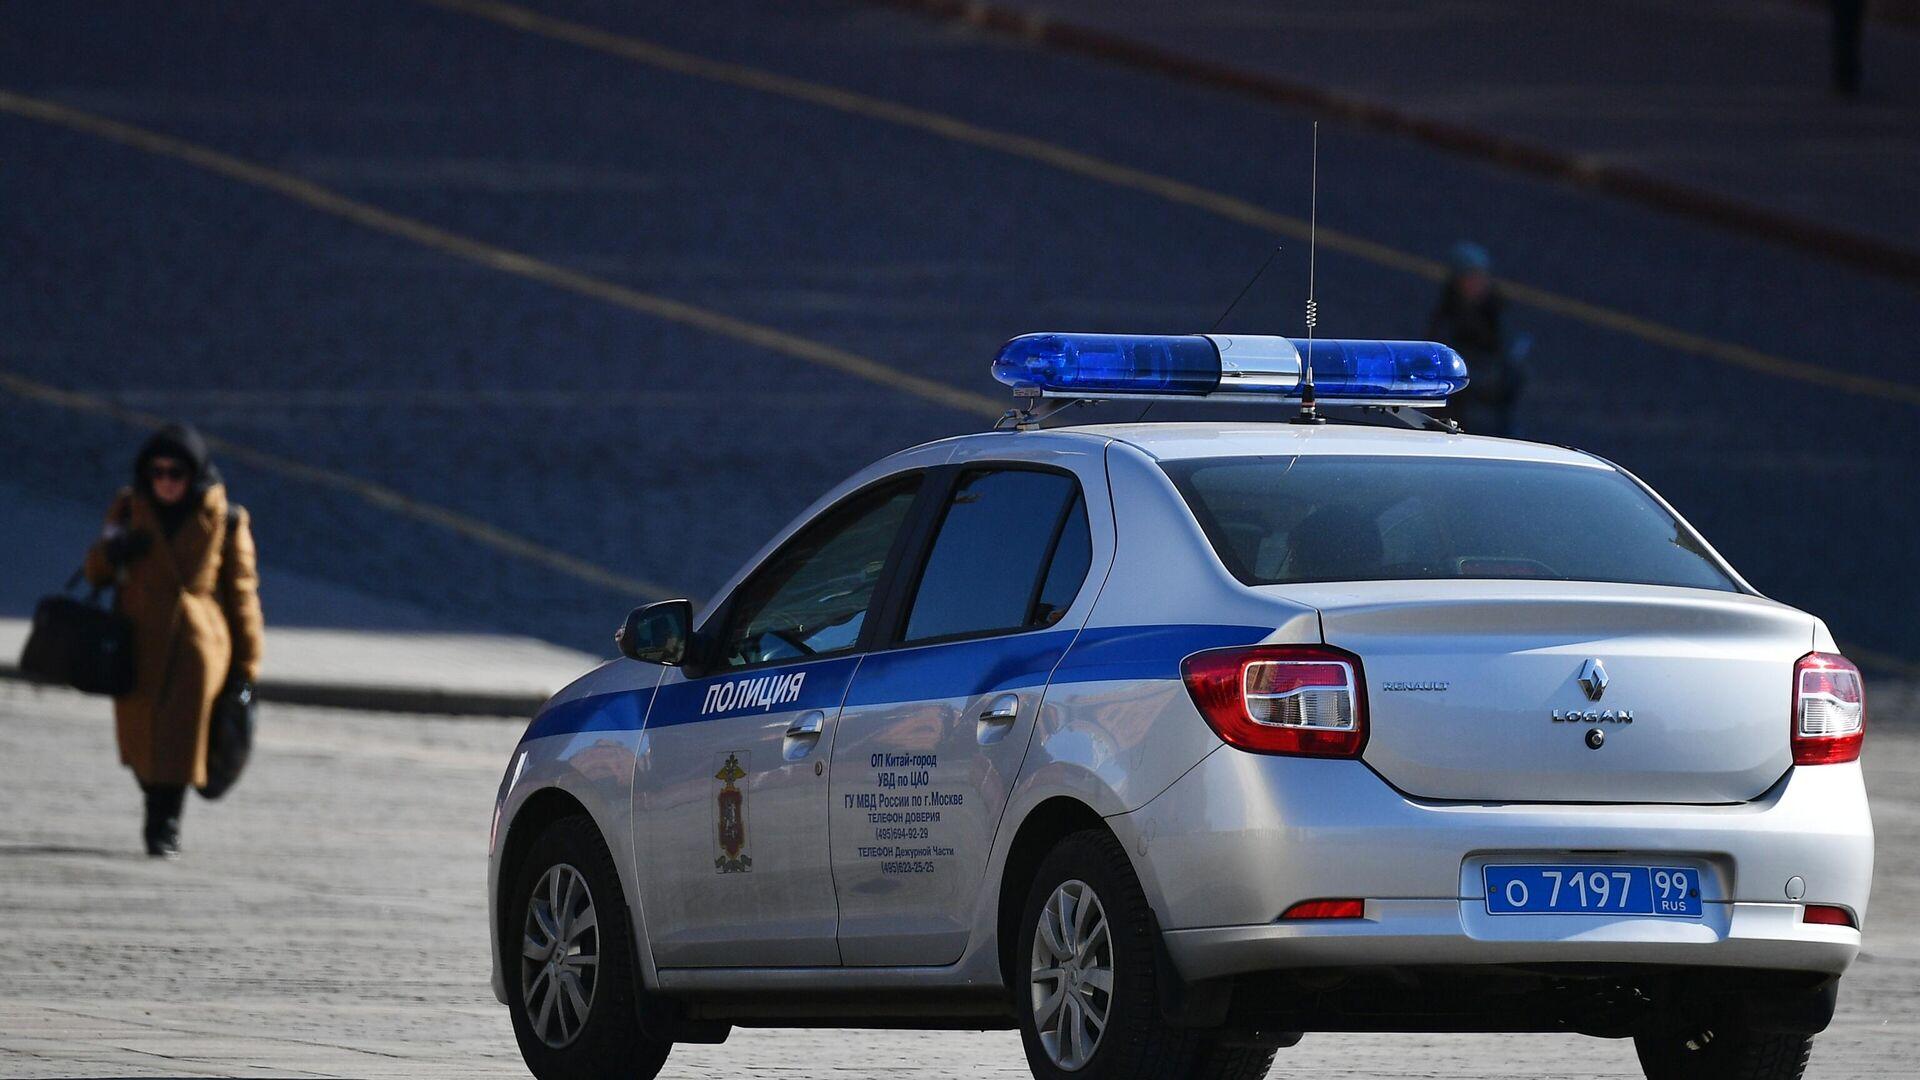 Полицейский автомобиль в центре Москвы - РИА Новости, 1920, 23.09.2020